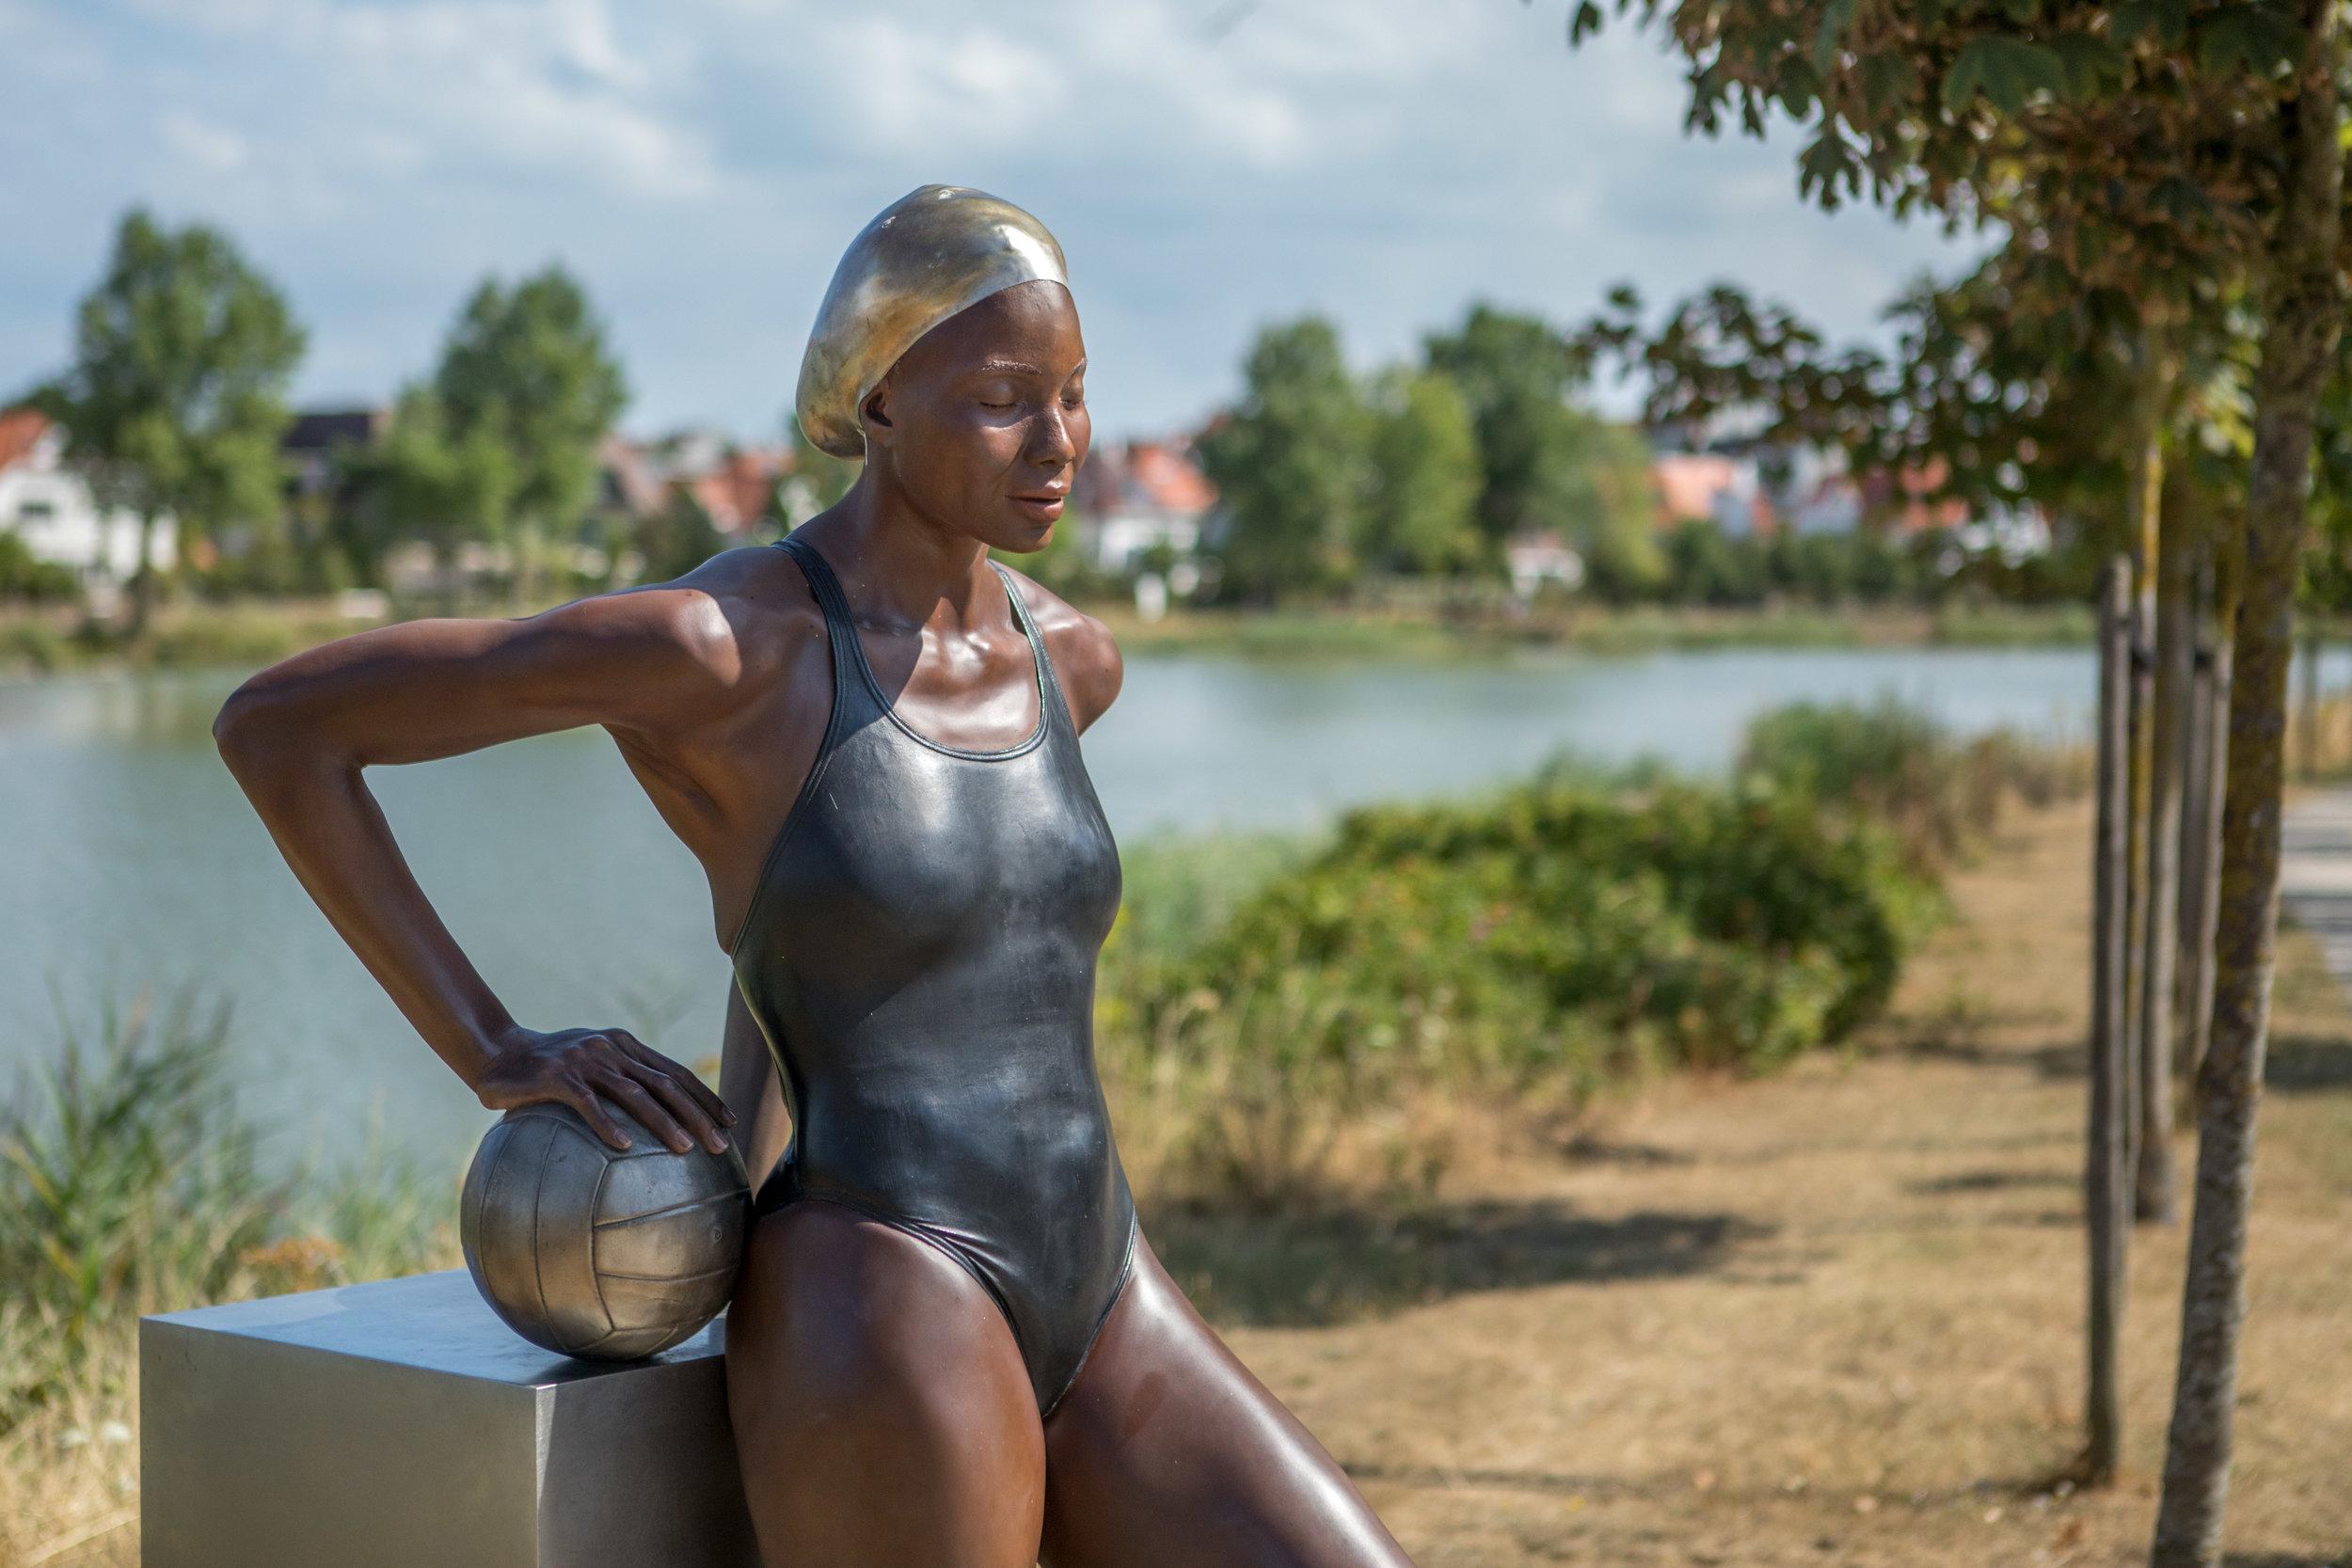 Yaima and the Ball, 2016, Bronze, 70 x 28 x 39 in (177.80 x 71.12 x 99.06 cm) Sculpture Link, Knokke-Heist, Belgium